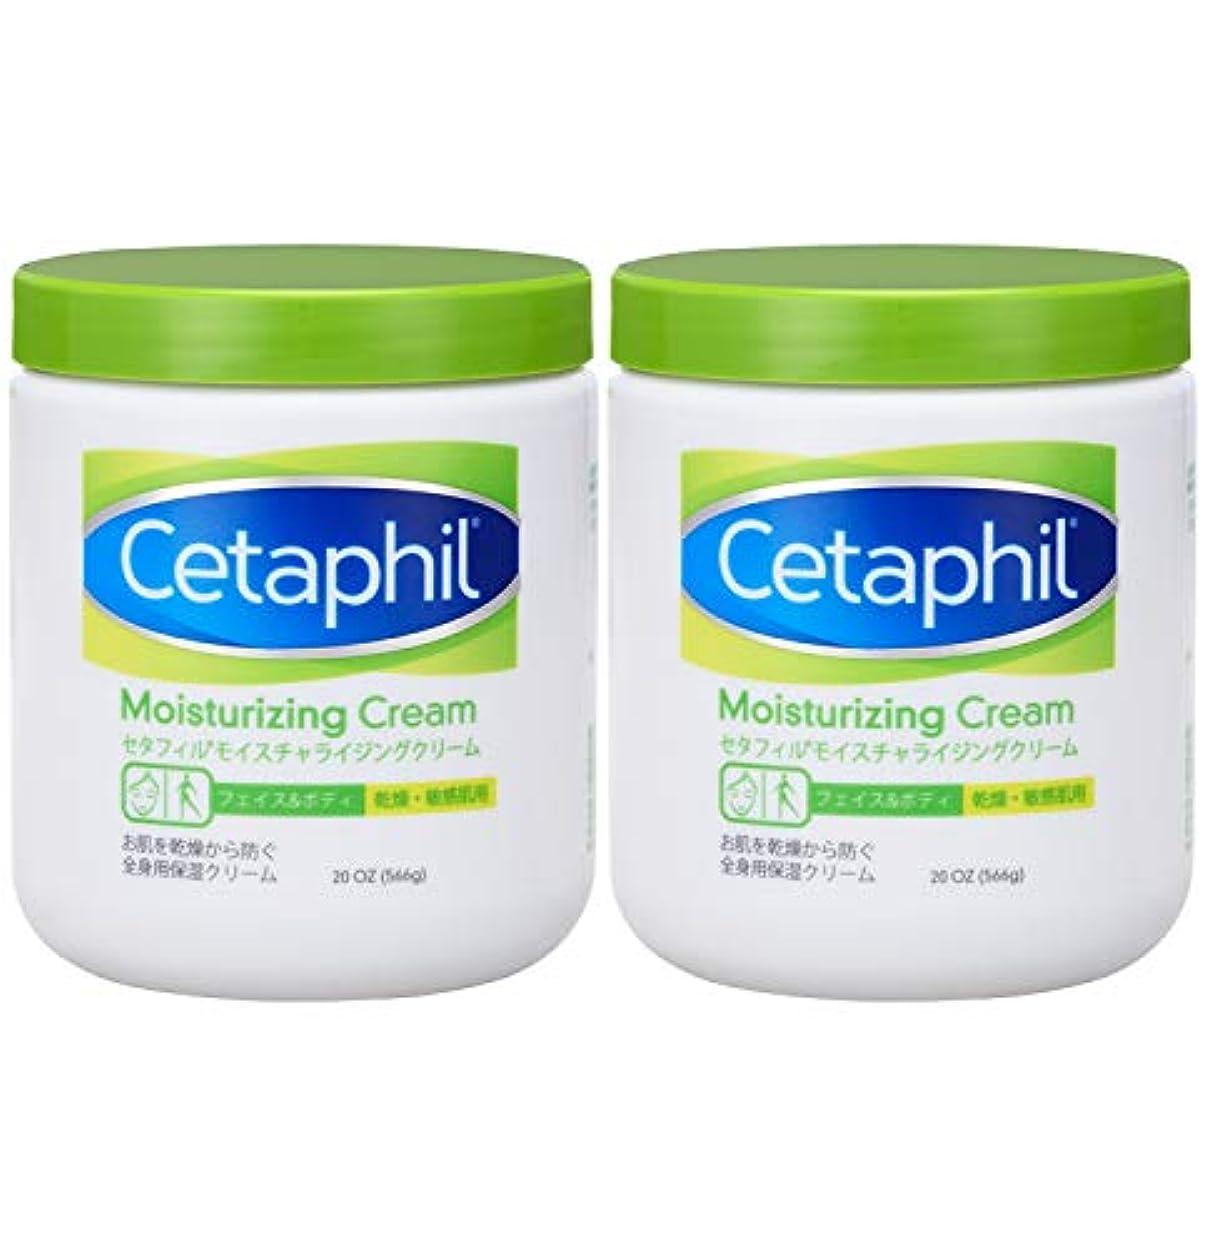 誇り売り手うなり声セタフィル Cetaphil ® モイスチャライジングクリーム 566ml 2本組 ( フェイス & ボディ 保湿クリーム クリーム )